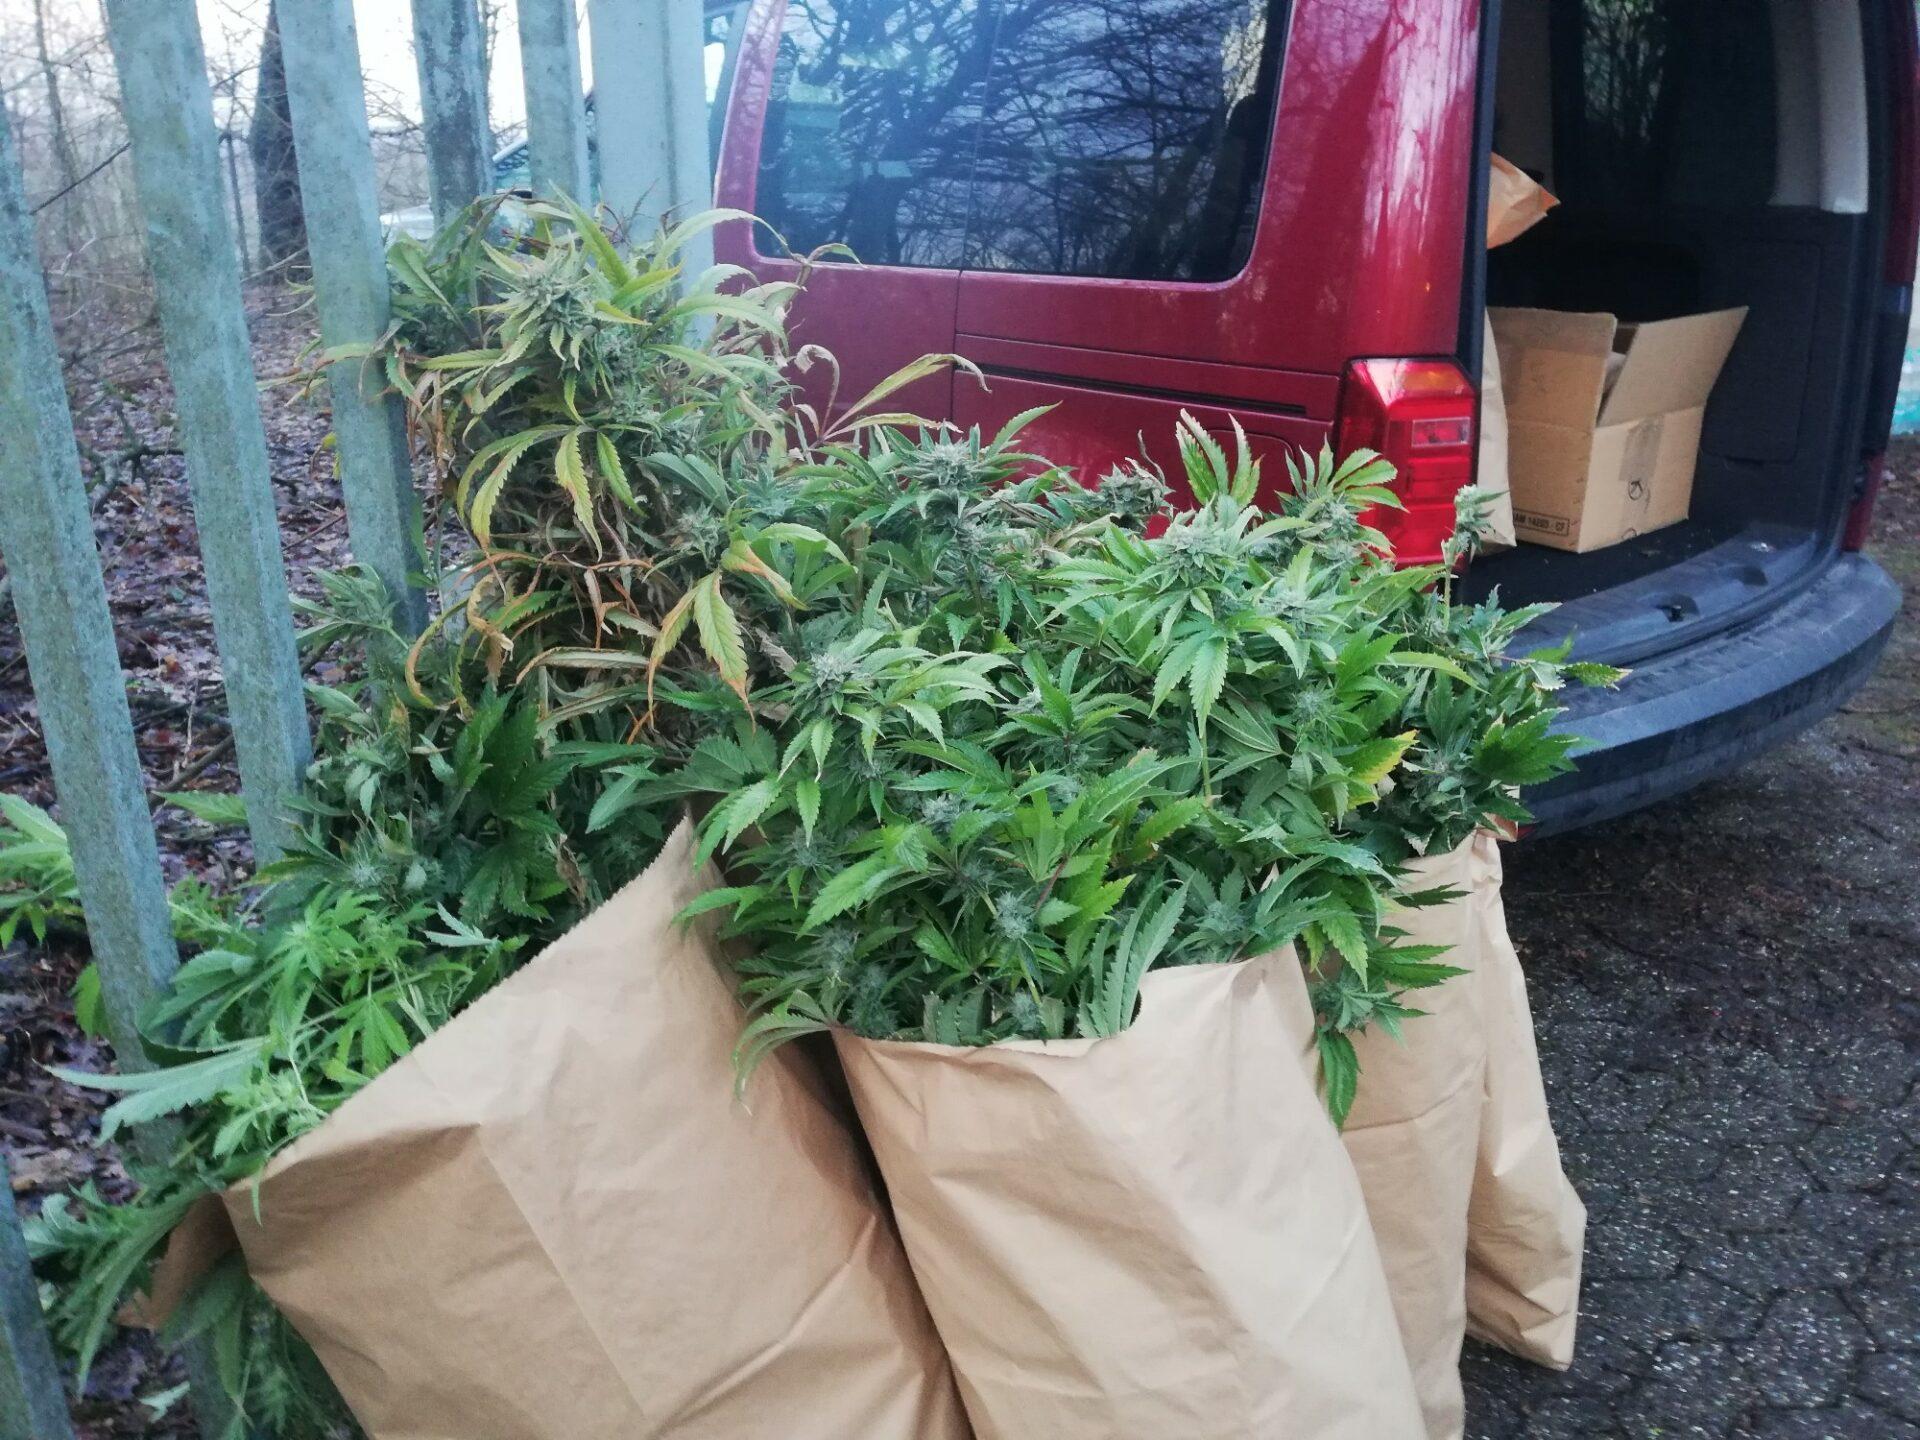 Cannabisplantage in Bunker entdeckt